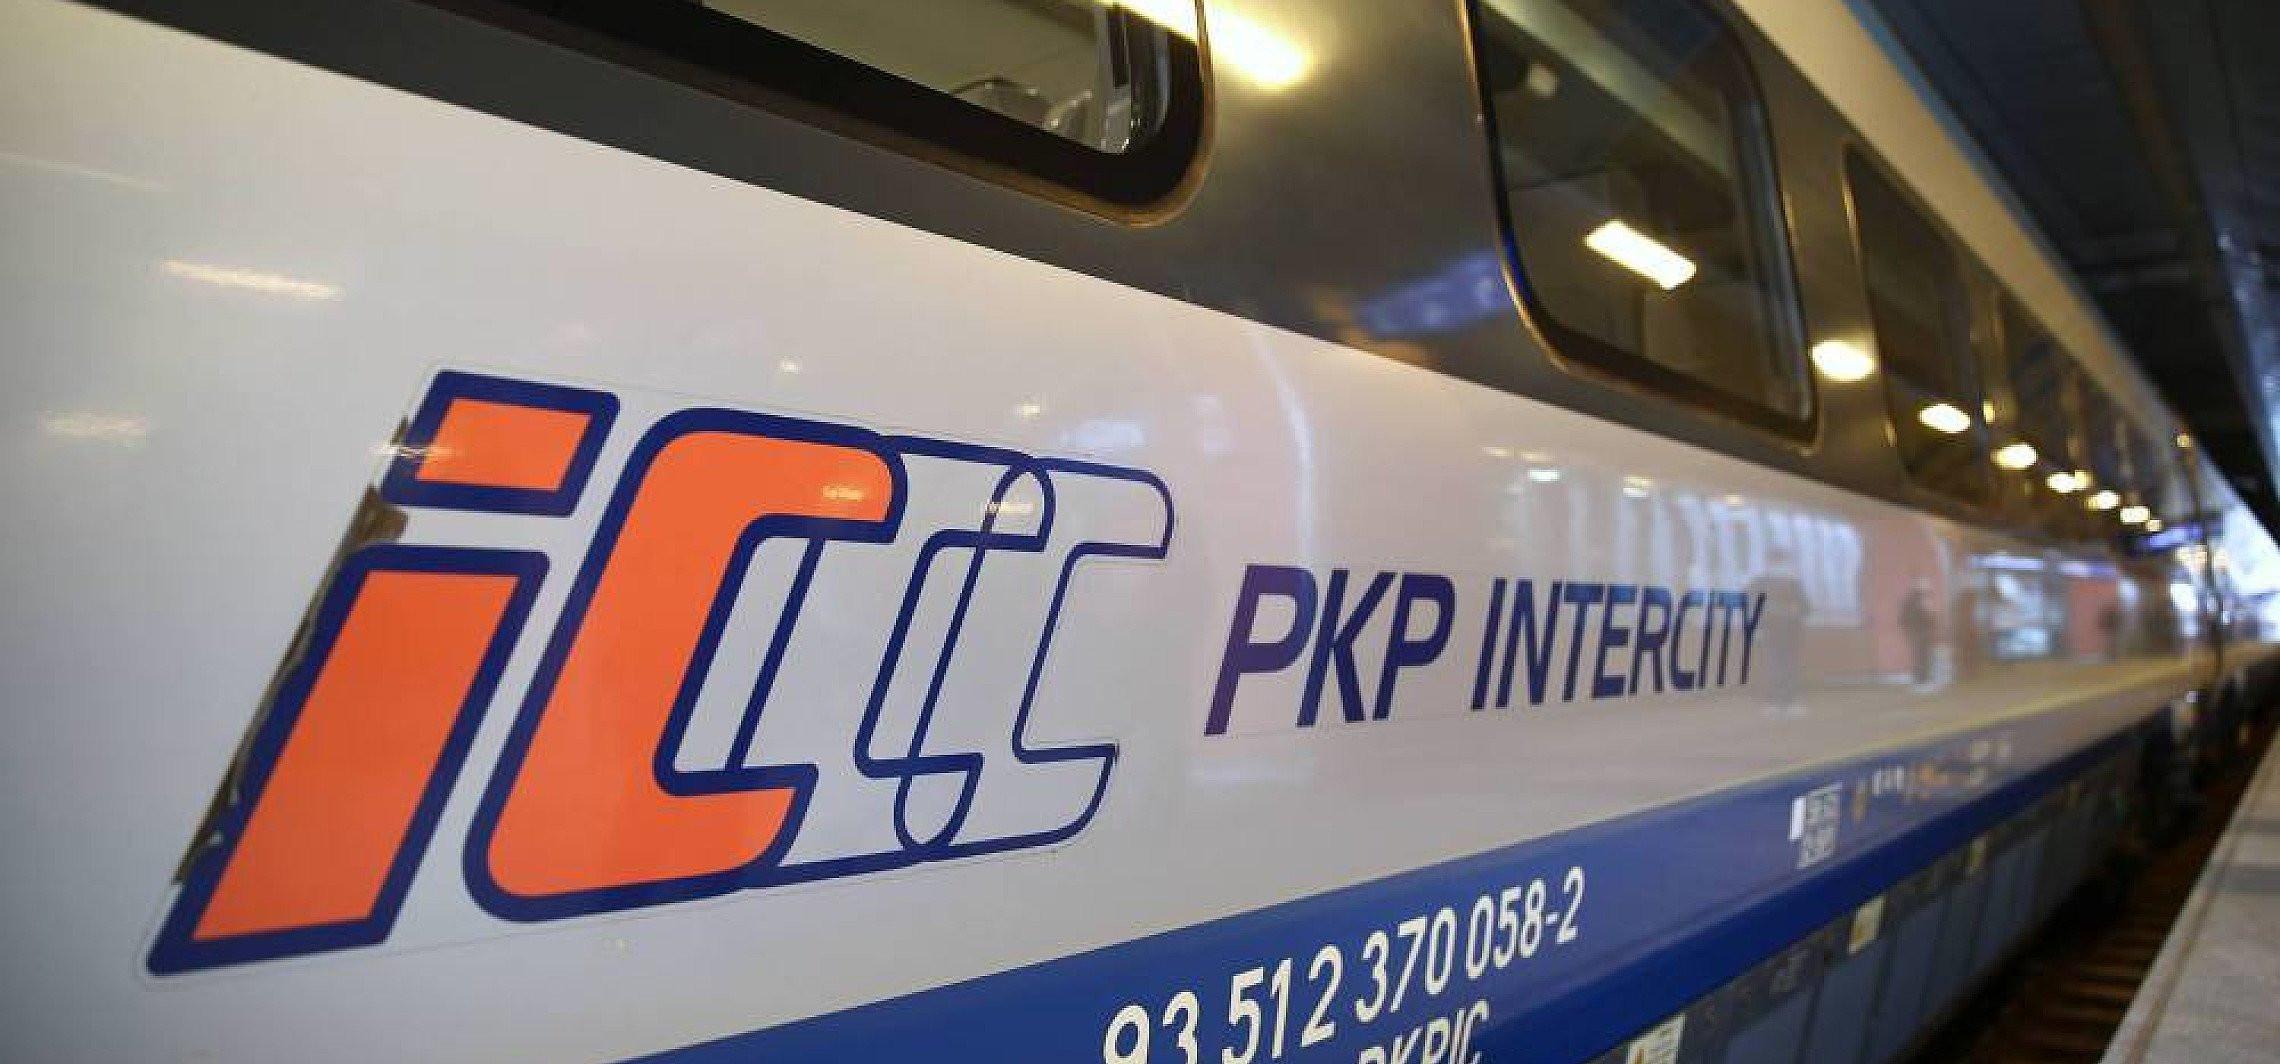 Bydgoszcz - Konkurs PKP Intercity i Pesy dla zaprojektowanie nowych pociągów